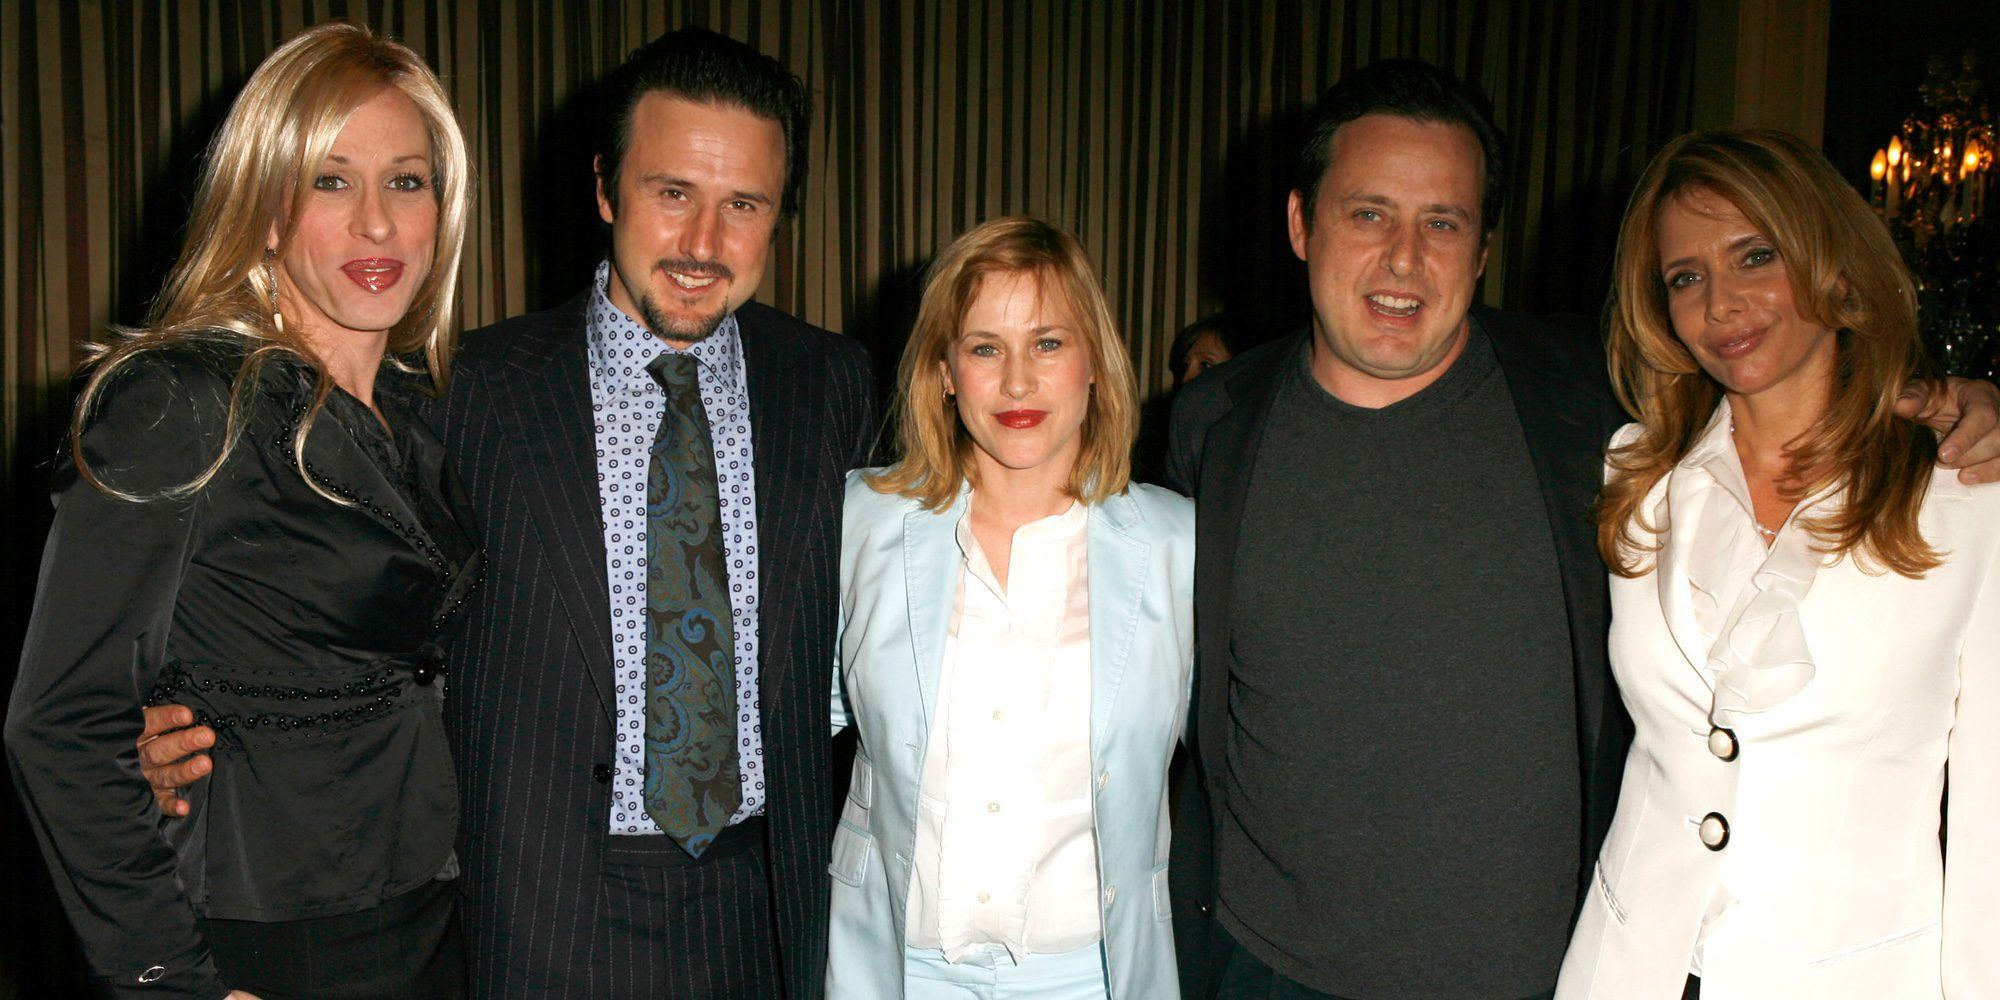 Los hermanos Arquette: cinco hermanos herederos de una saga de actores